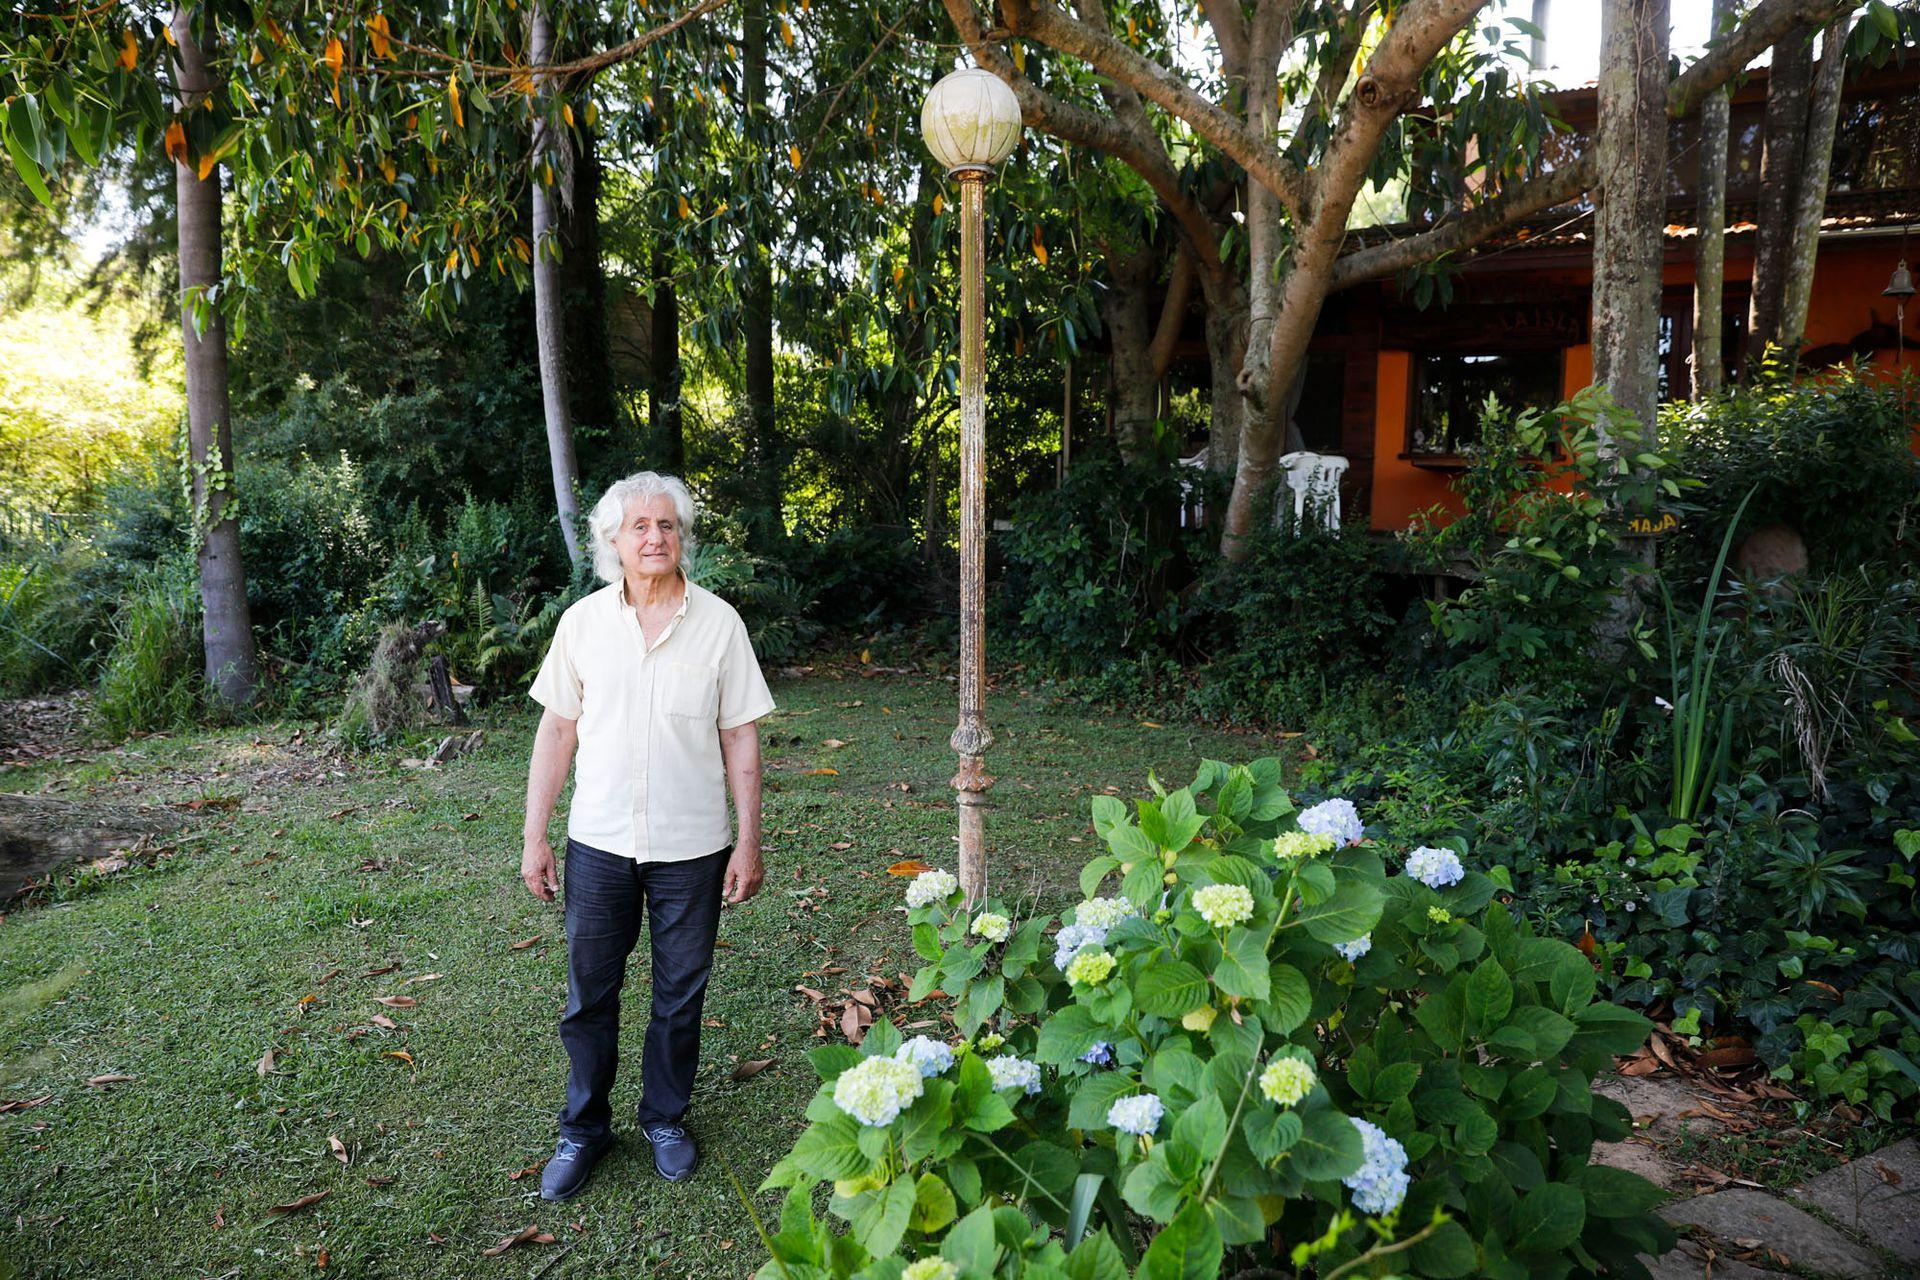 Martín Nunziata, de 72 años. Él vive en las islas hace 41